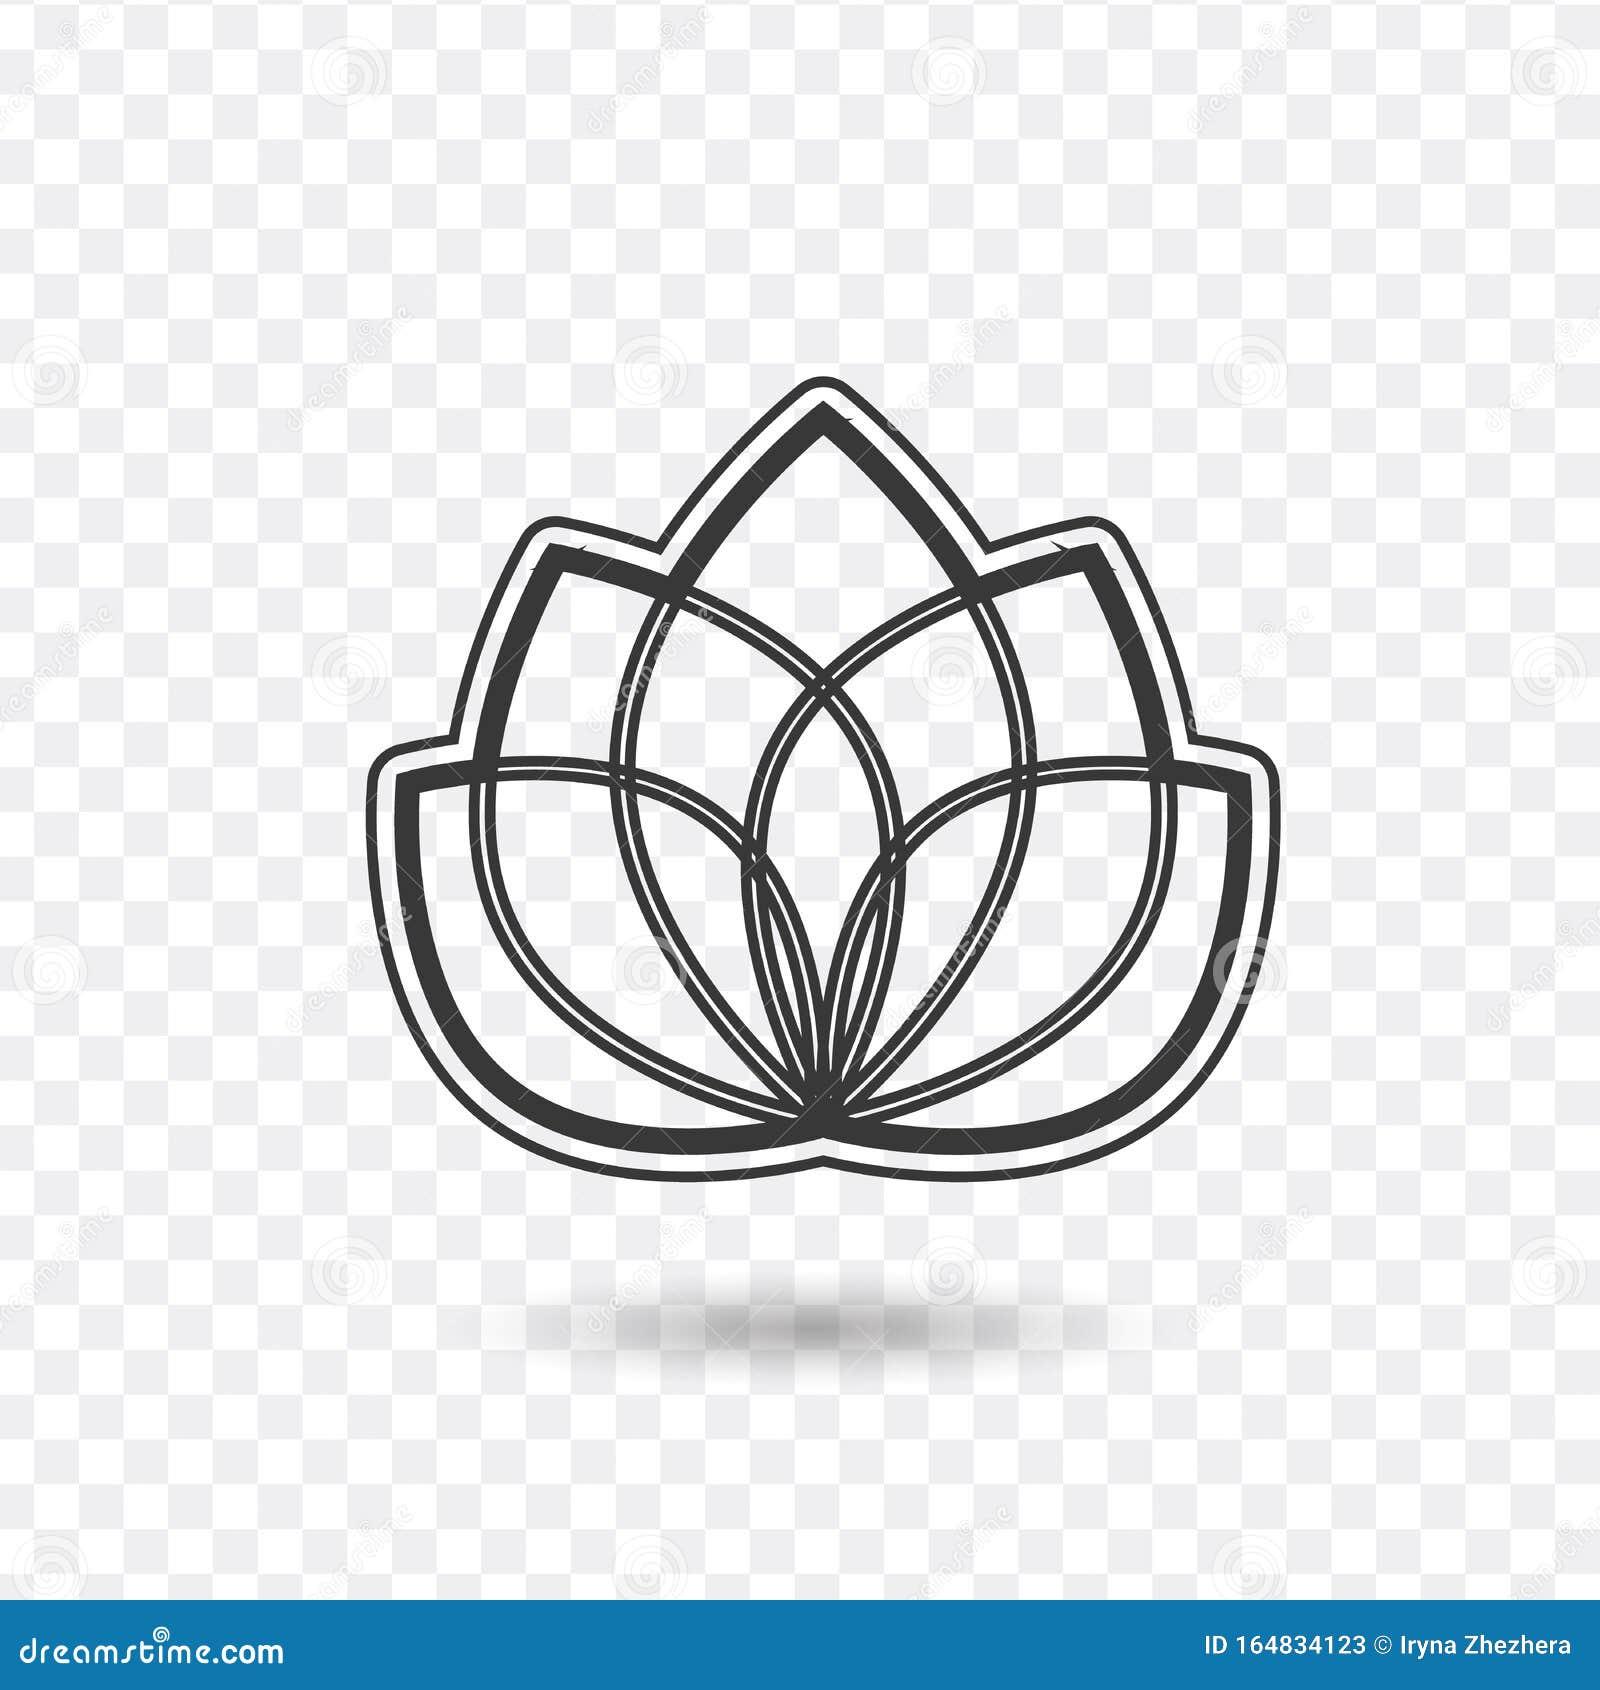 Znachok Lotus Ili Znachok Garmoniya Illyustraciya Vektora Sklada Izolirovannaya Na Belom Fone Illyustraciya Shtoka Illyustracii Naschityvayushej Garmoniya Na 164834123